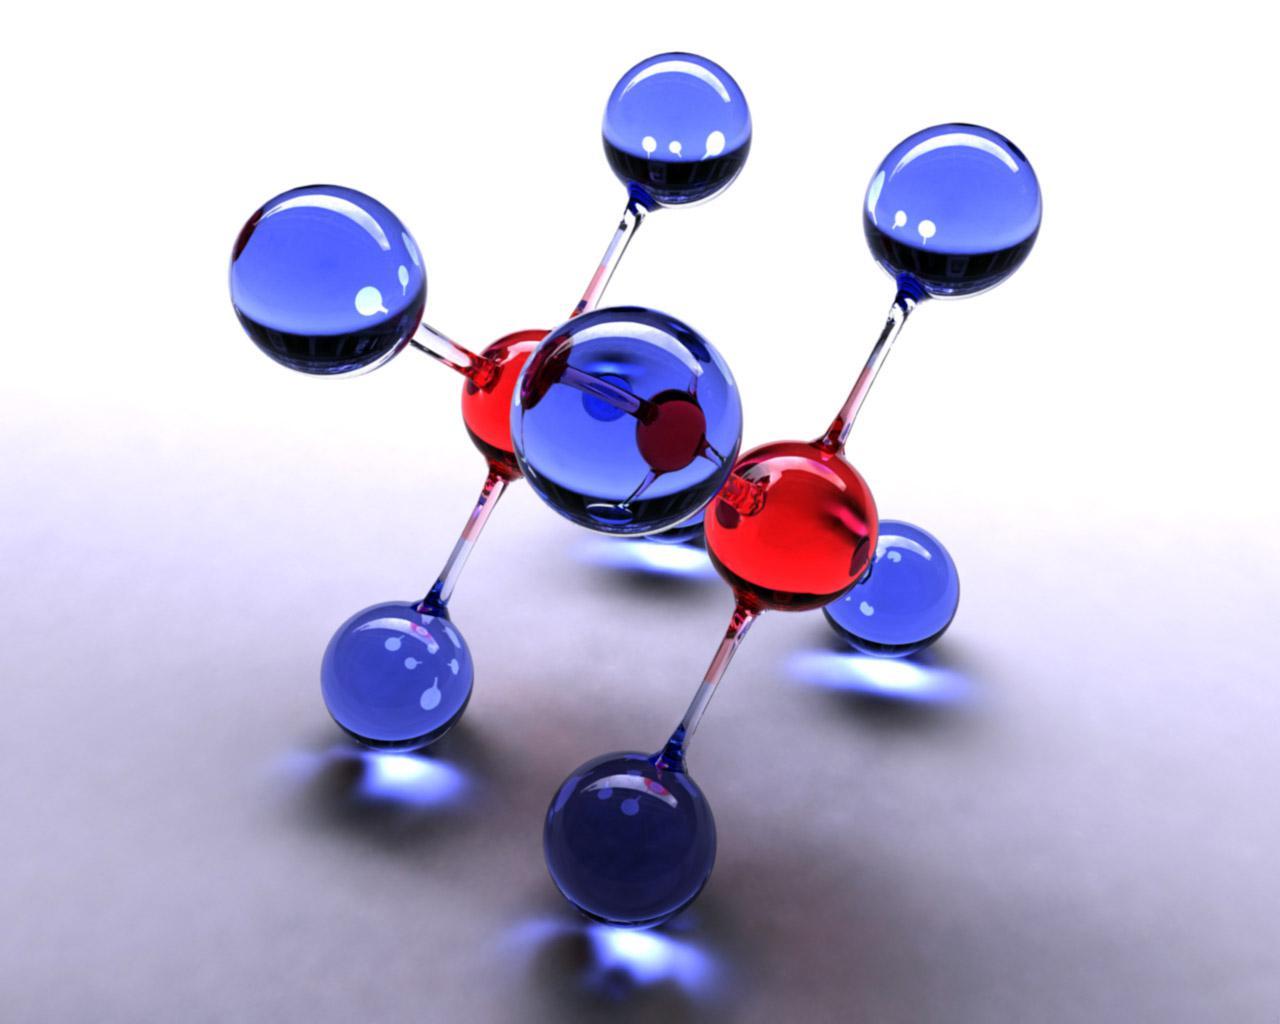 Российские ученые привлекли нейронную сеть к поиску противораковых лекарств - 1